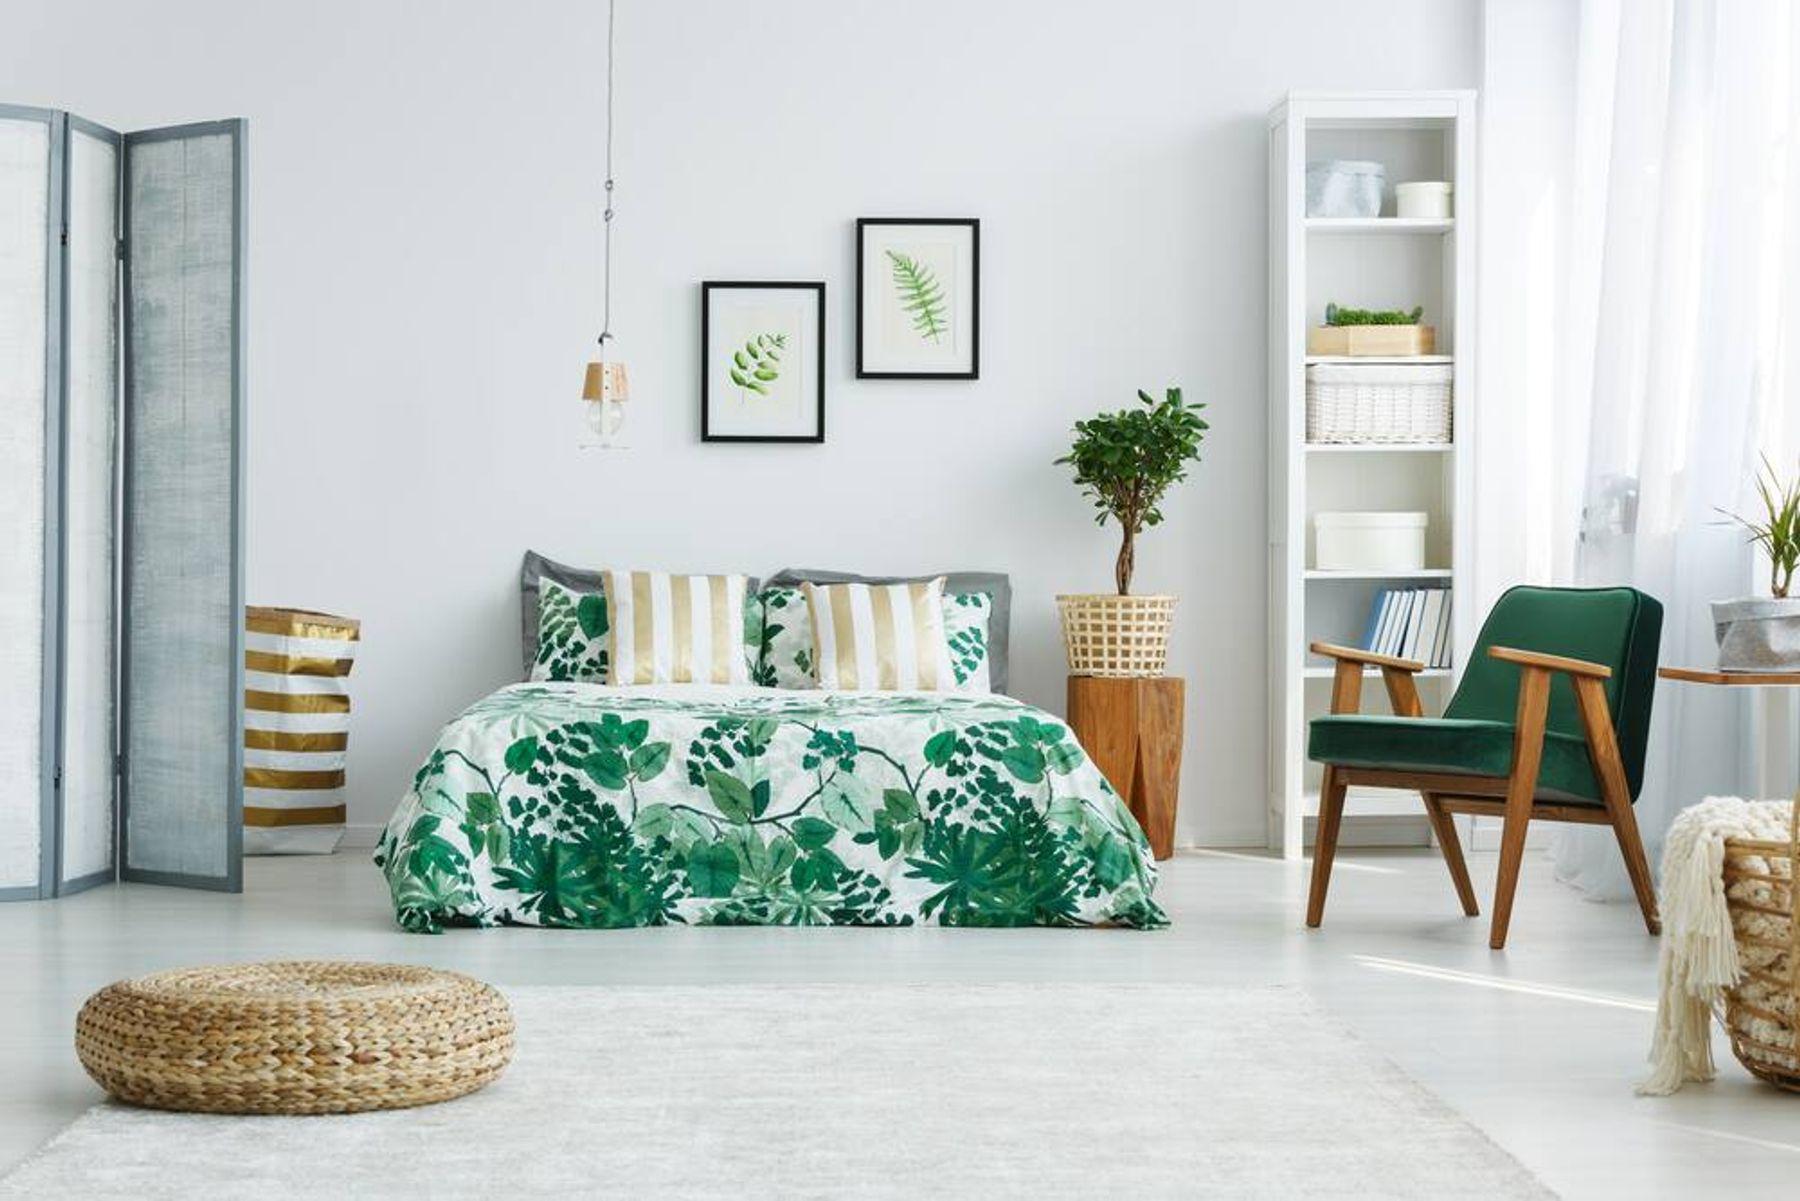 Cách bố trí phòng ngủ - không nên có các đồ vật chứa nước